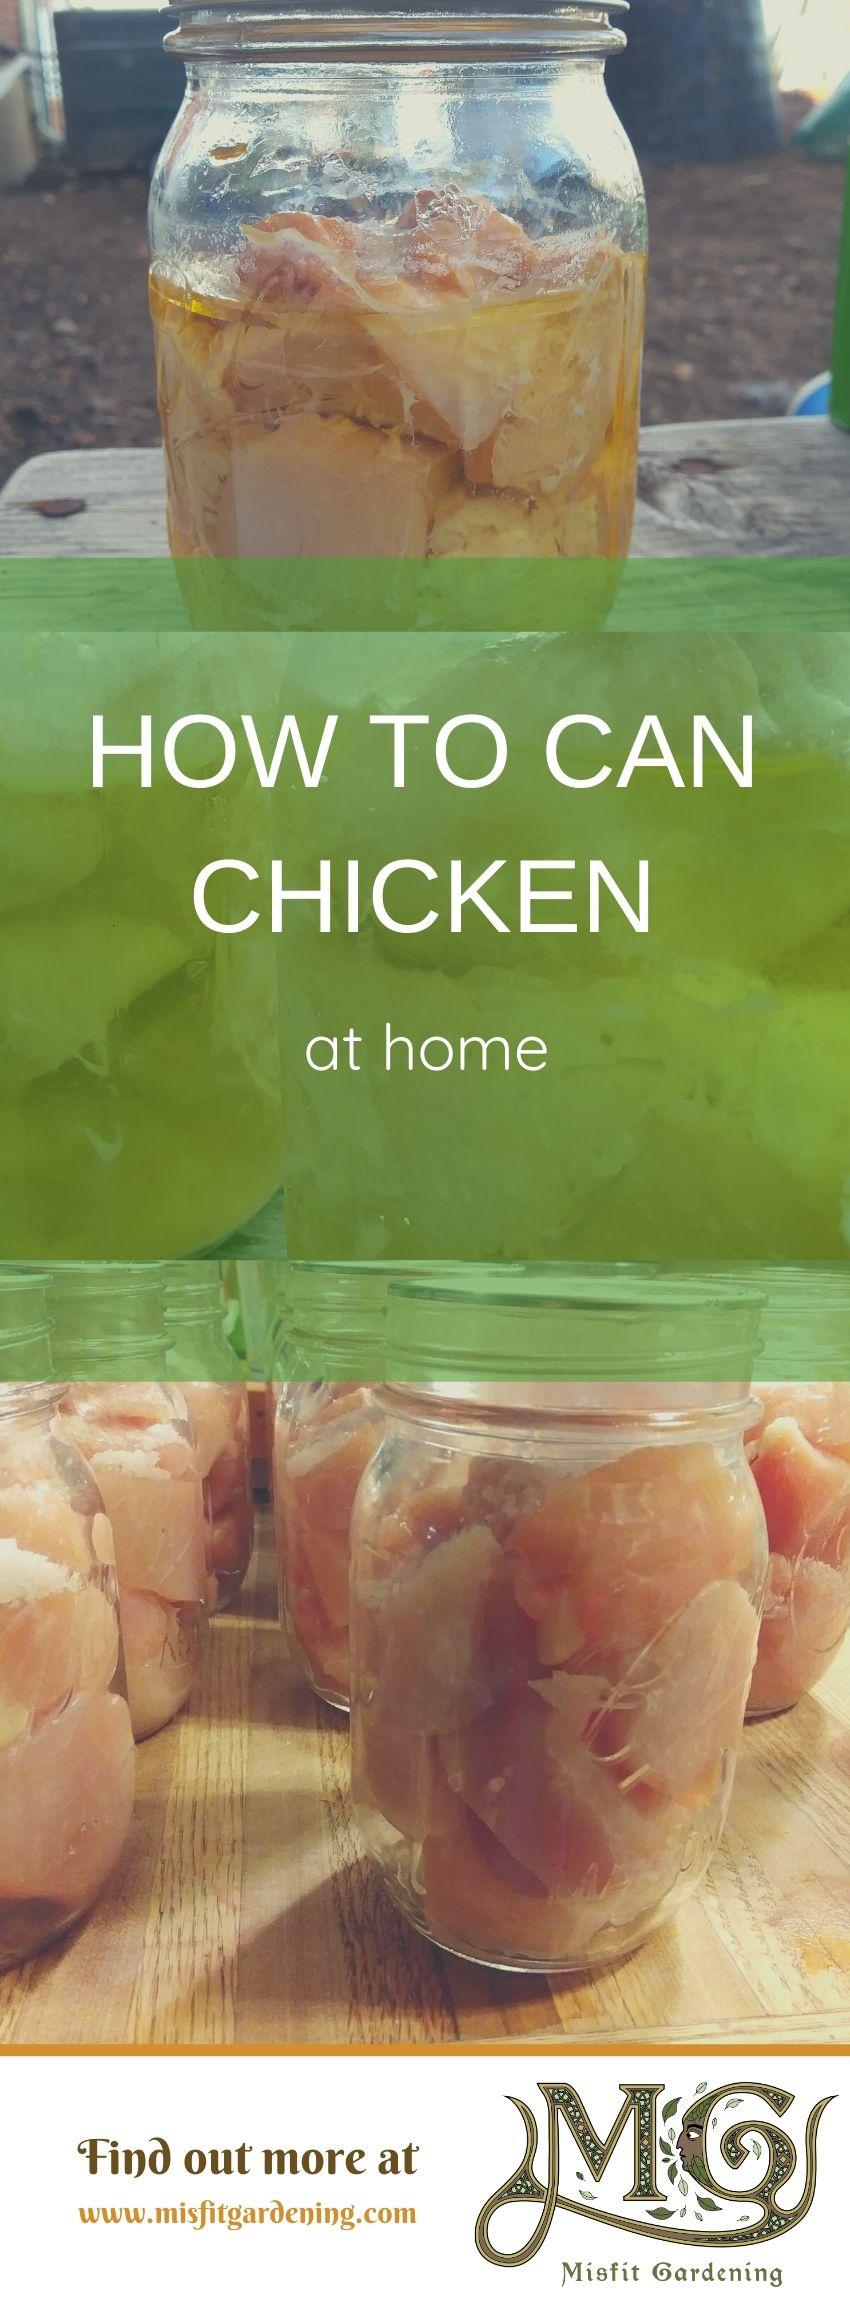 Finden Sie heraus, wie man zu Hause Hühnerbrust macht. Klicken Sie hier, um mehr zu erfahren, oder stecken Sie es fest und speichern Sie es für später. #reservieren #homestead